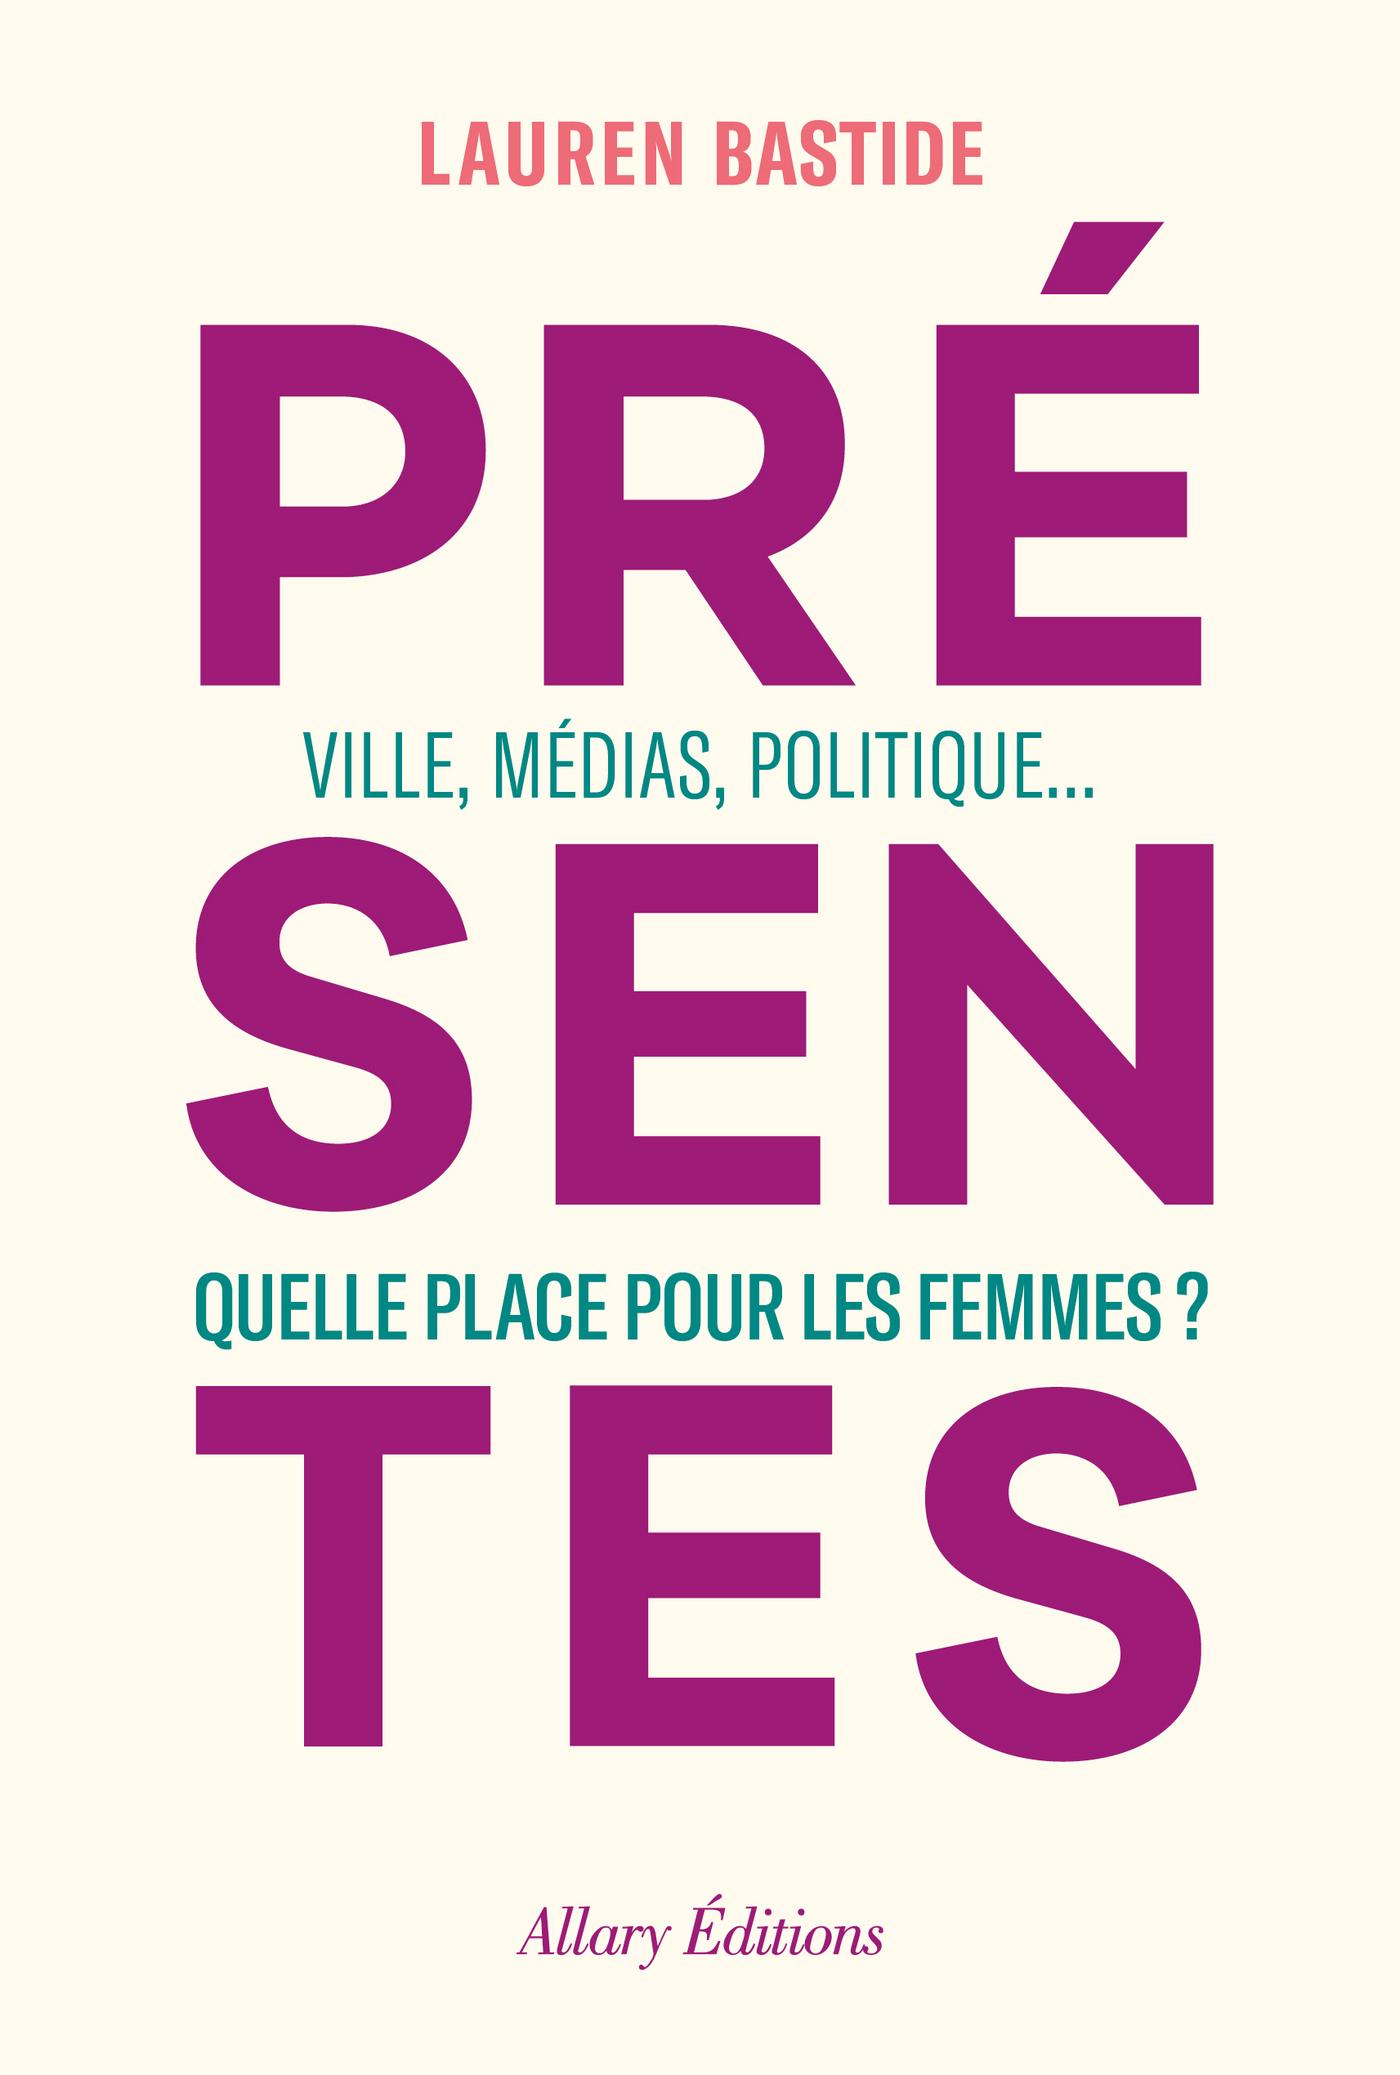 Présentes - Ville, médias, politique... Quelle place pour les femmes ?